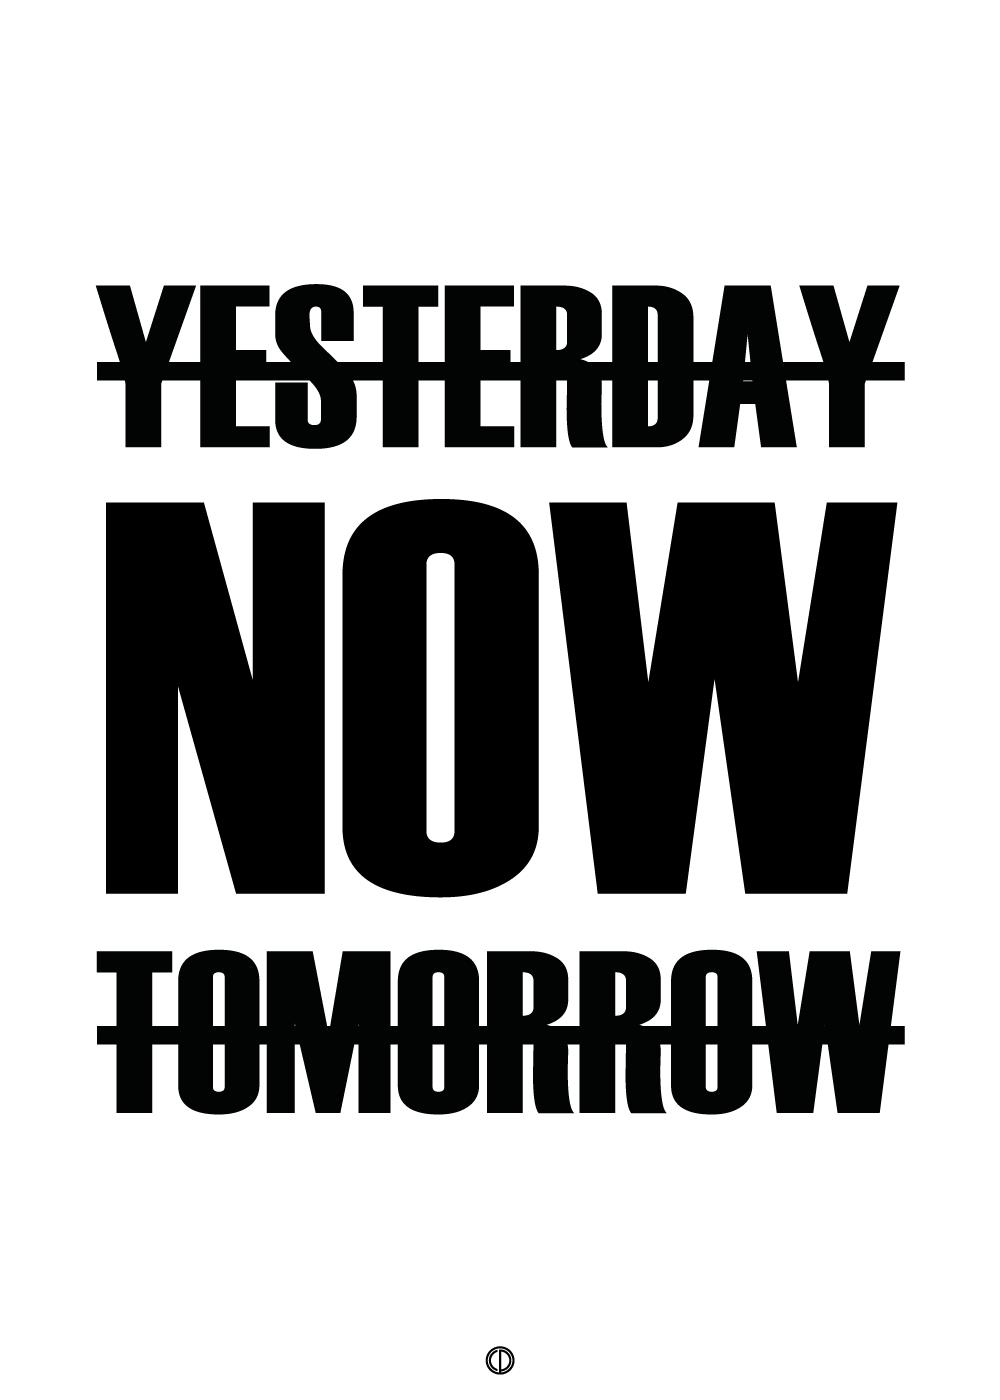 Yesterday, now, tomorrow